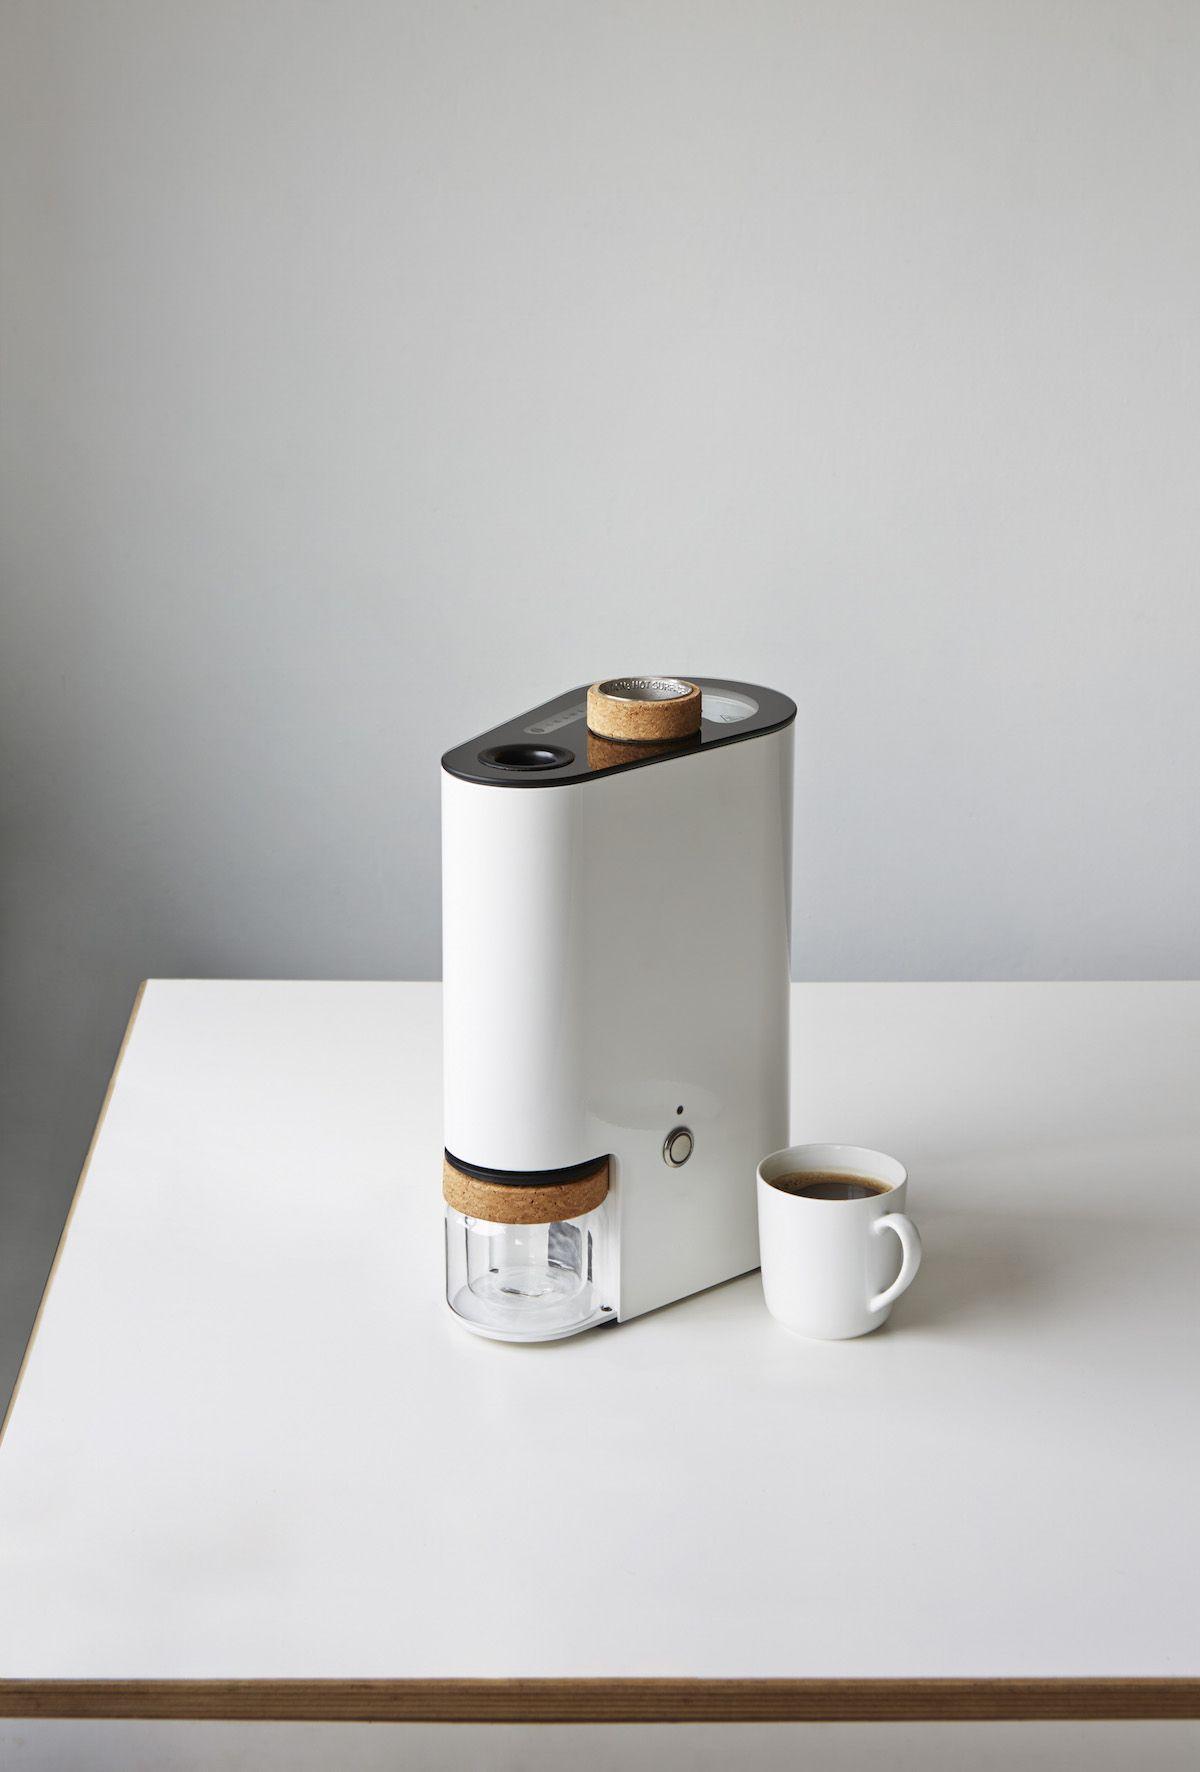 Ikawa Industrial Product Design Design Coffee